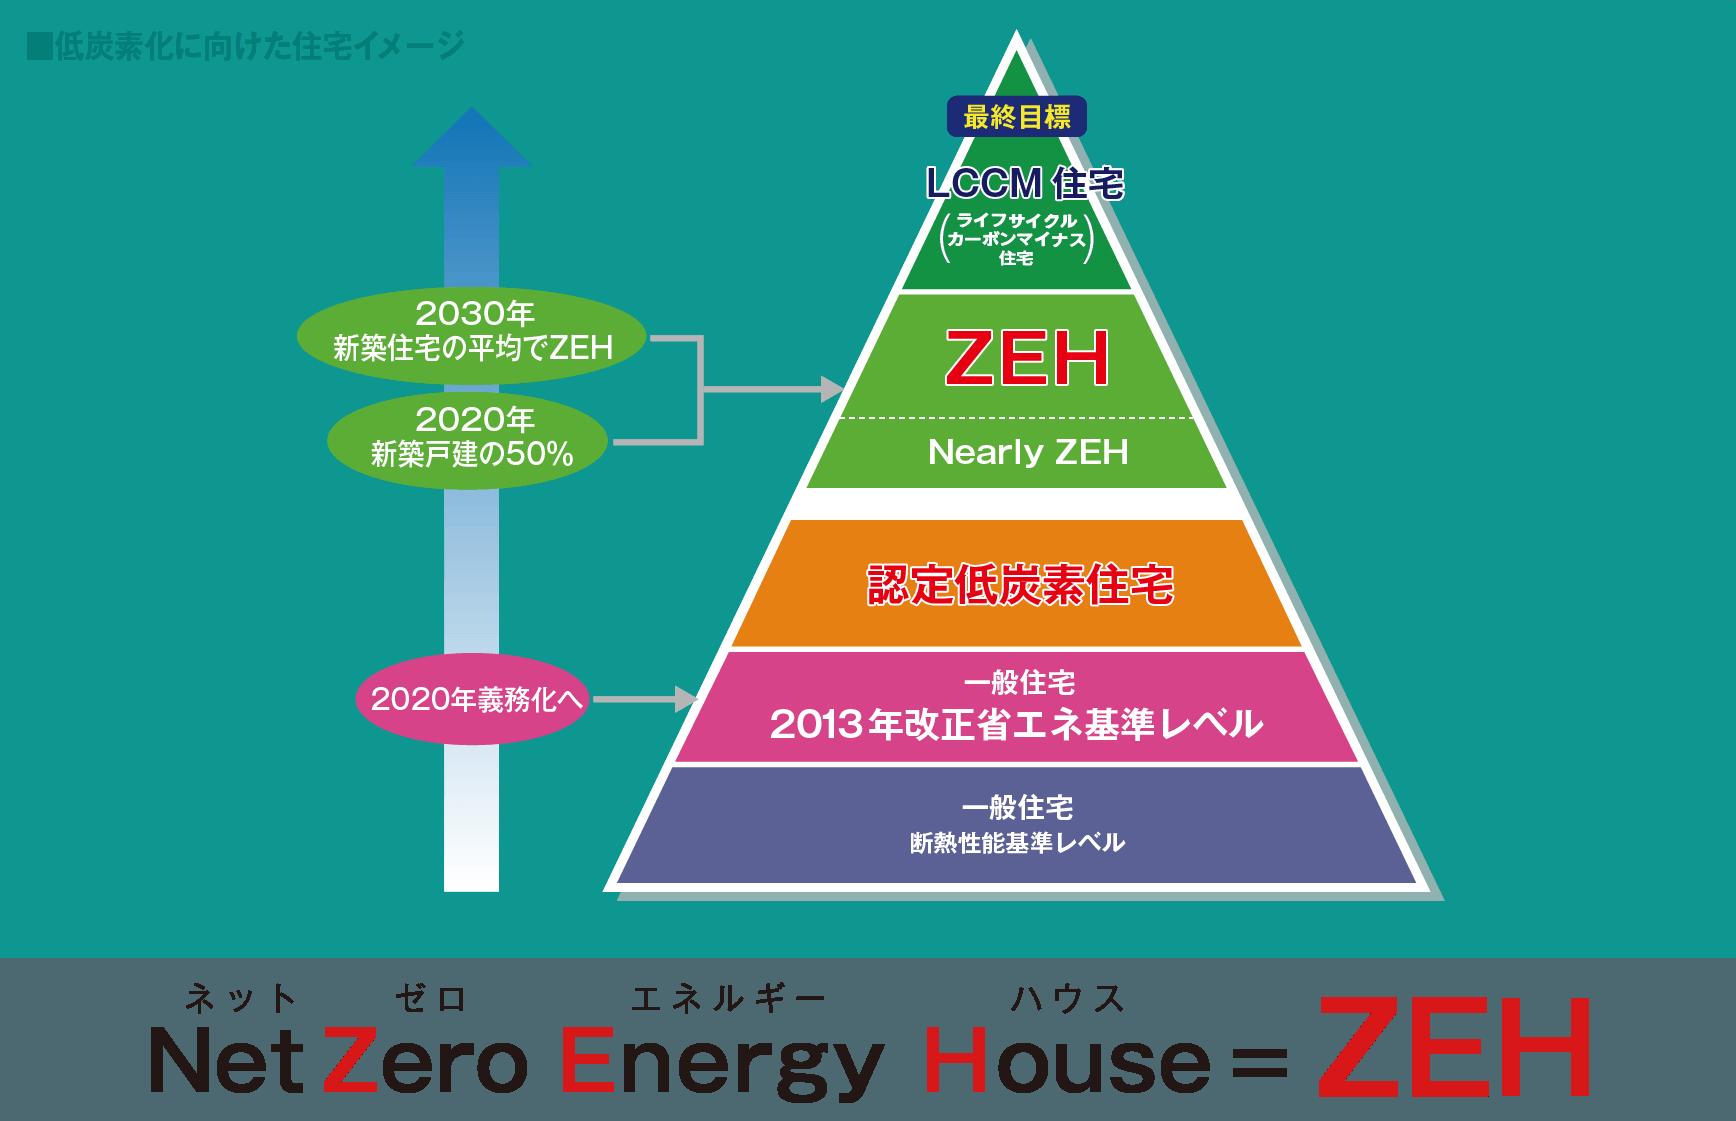 Net Zero Energy House = ZEH